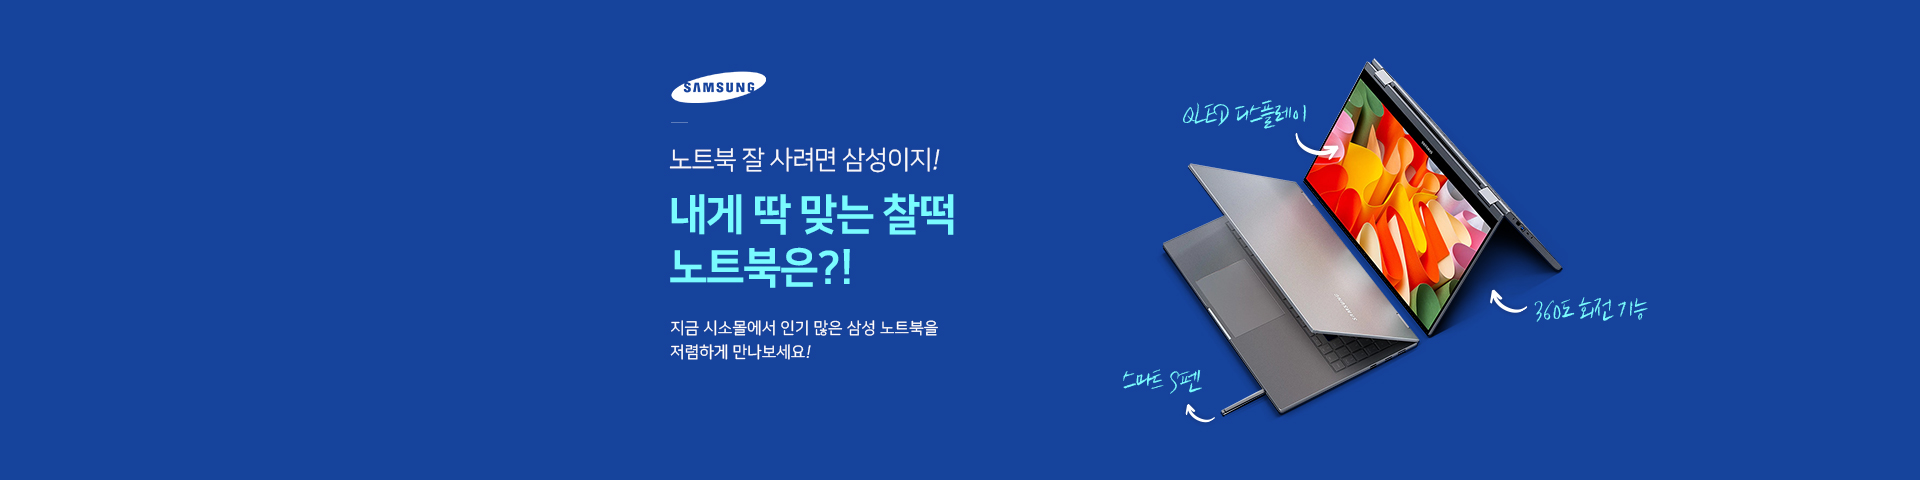 [삼성전자] 삼성노트북 모음전